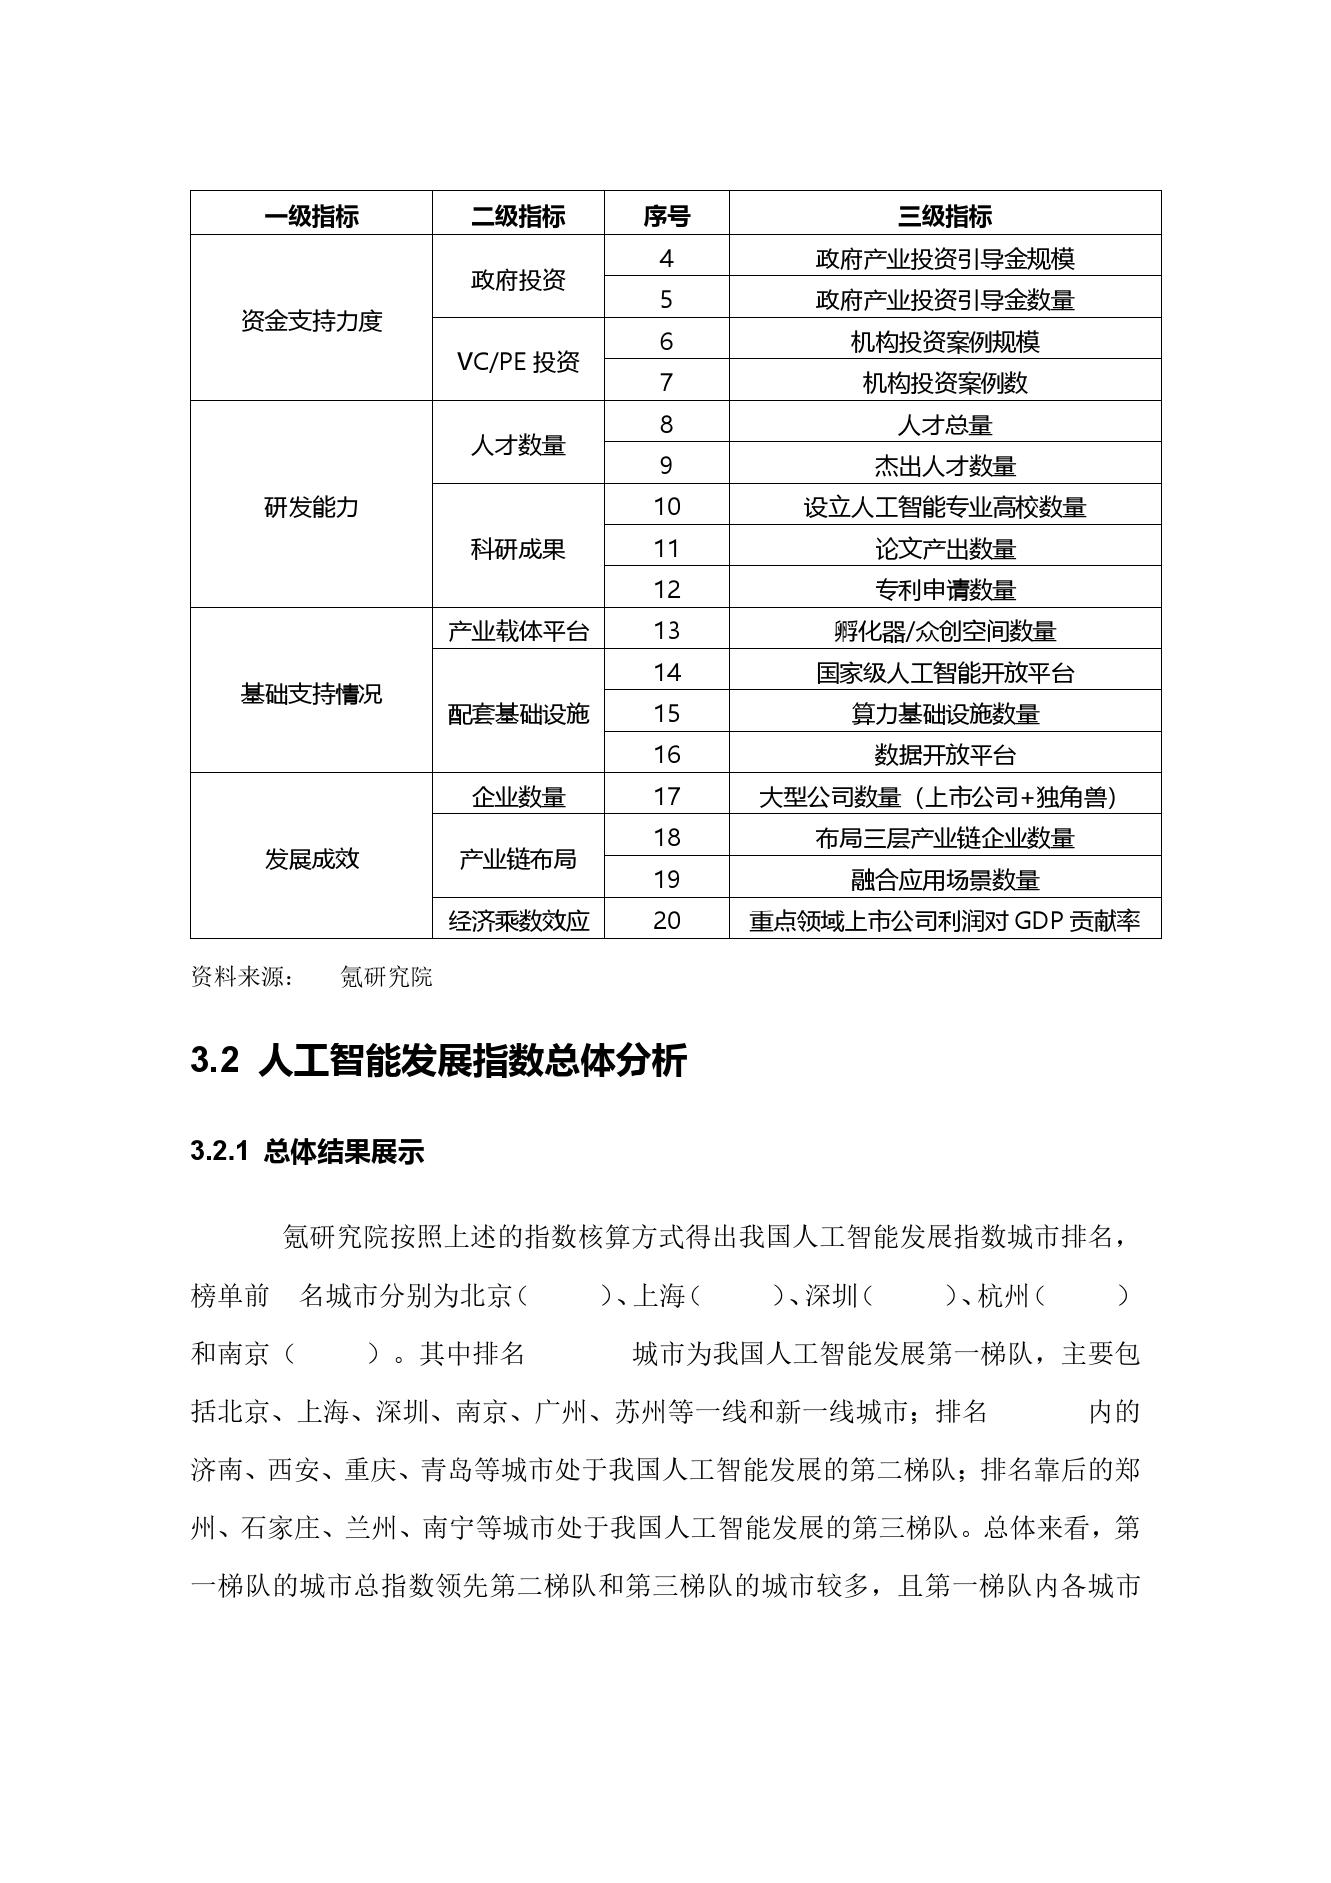 36氪研究院:2020年中国城市人工智能发展指数报告(可下载报告)插图(51)